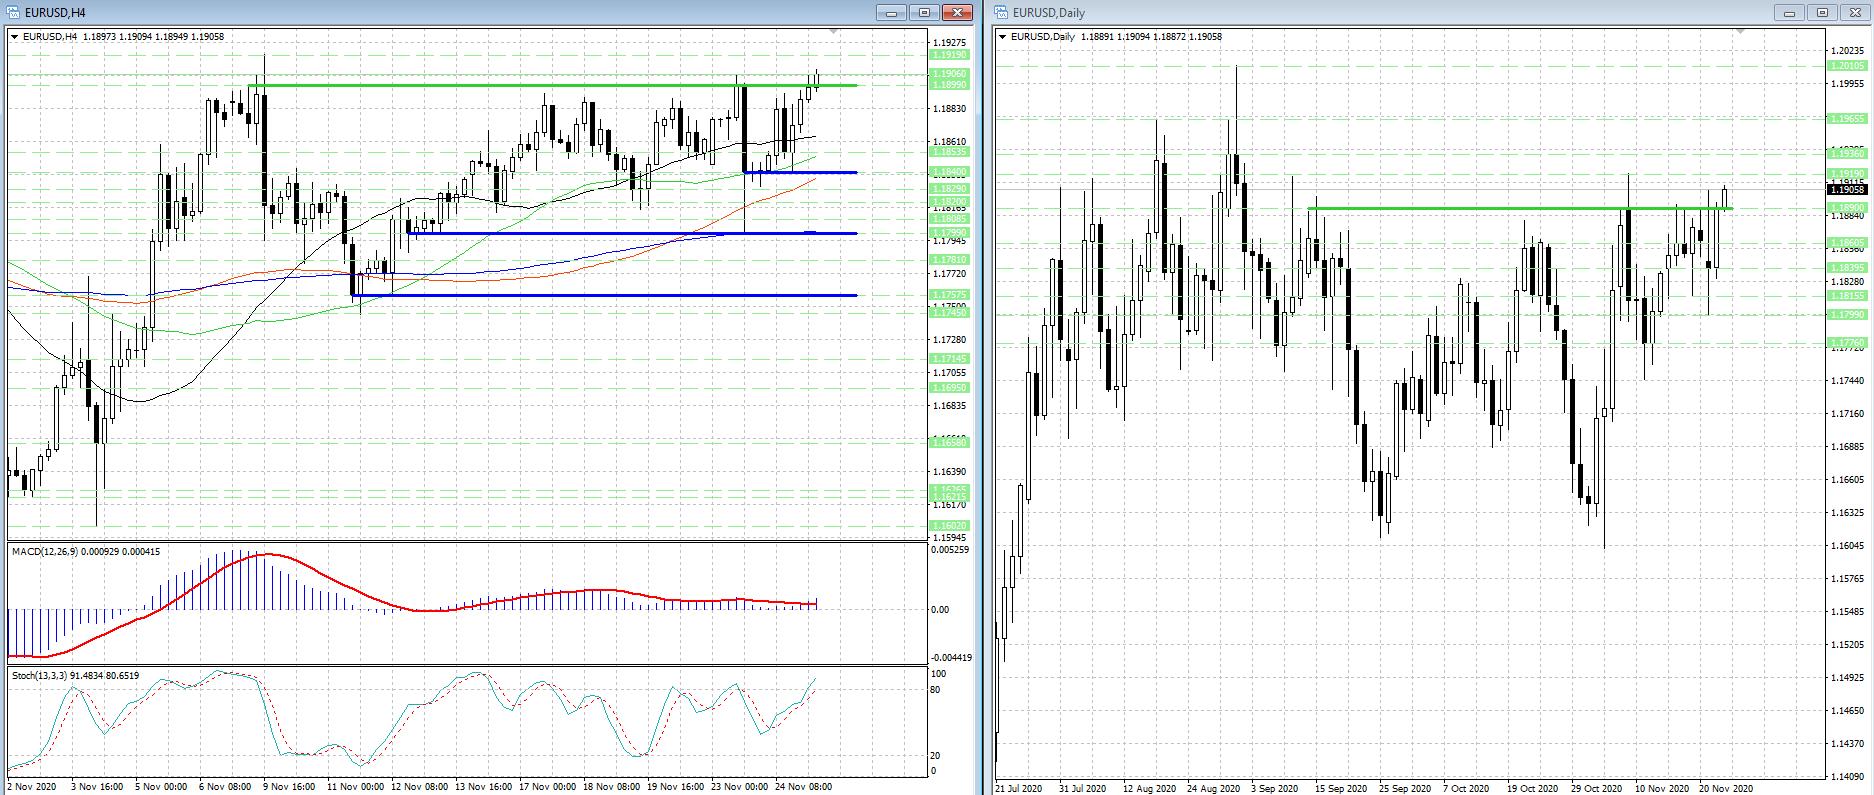 Потенциал роста валютной пары EUR/USD еще не исчерпан...